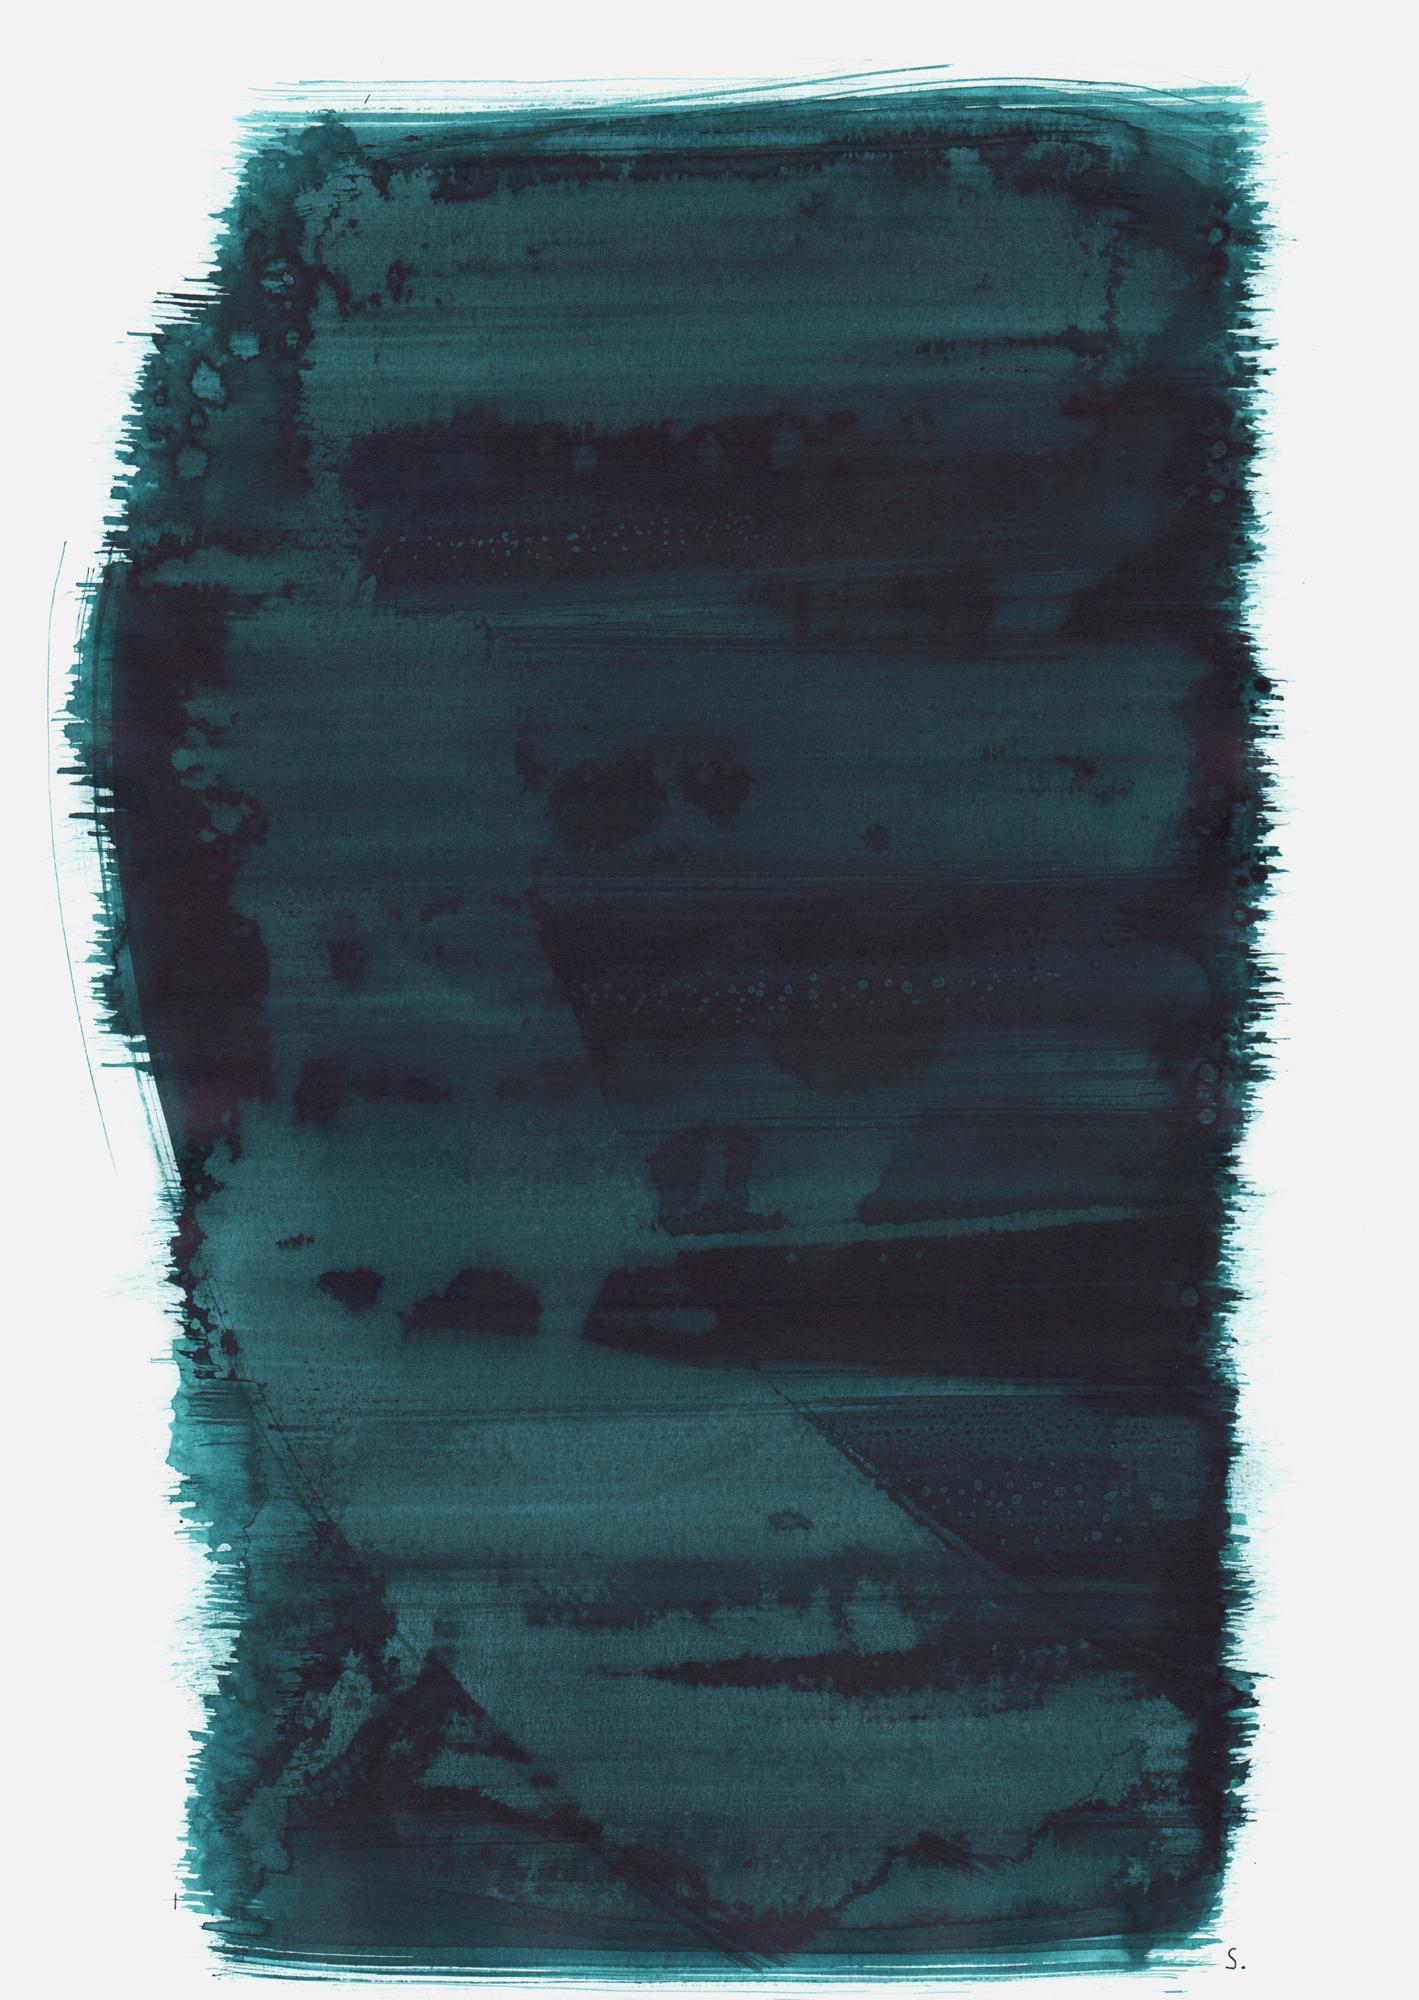 """""""An Jona Blumenfeld"""", 2019, Tusche auf Papier, 48 x 36cm; ©: Konstanze Sailer [Blumenfeld, Jona; * 03.09.1942 in Berlin; deportiert aus Berlin; † nach dem 02.03.1943 in Auschwitz]"""